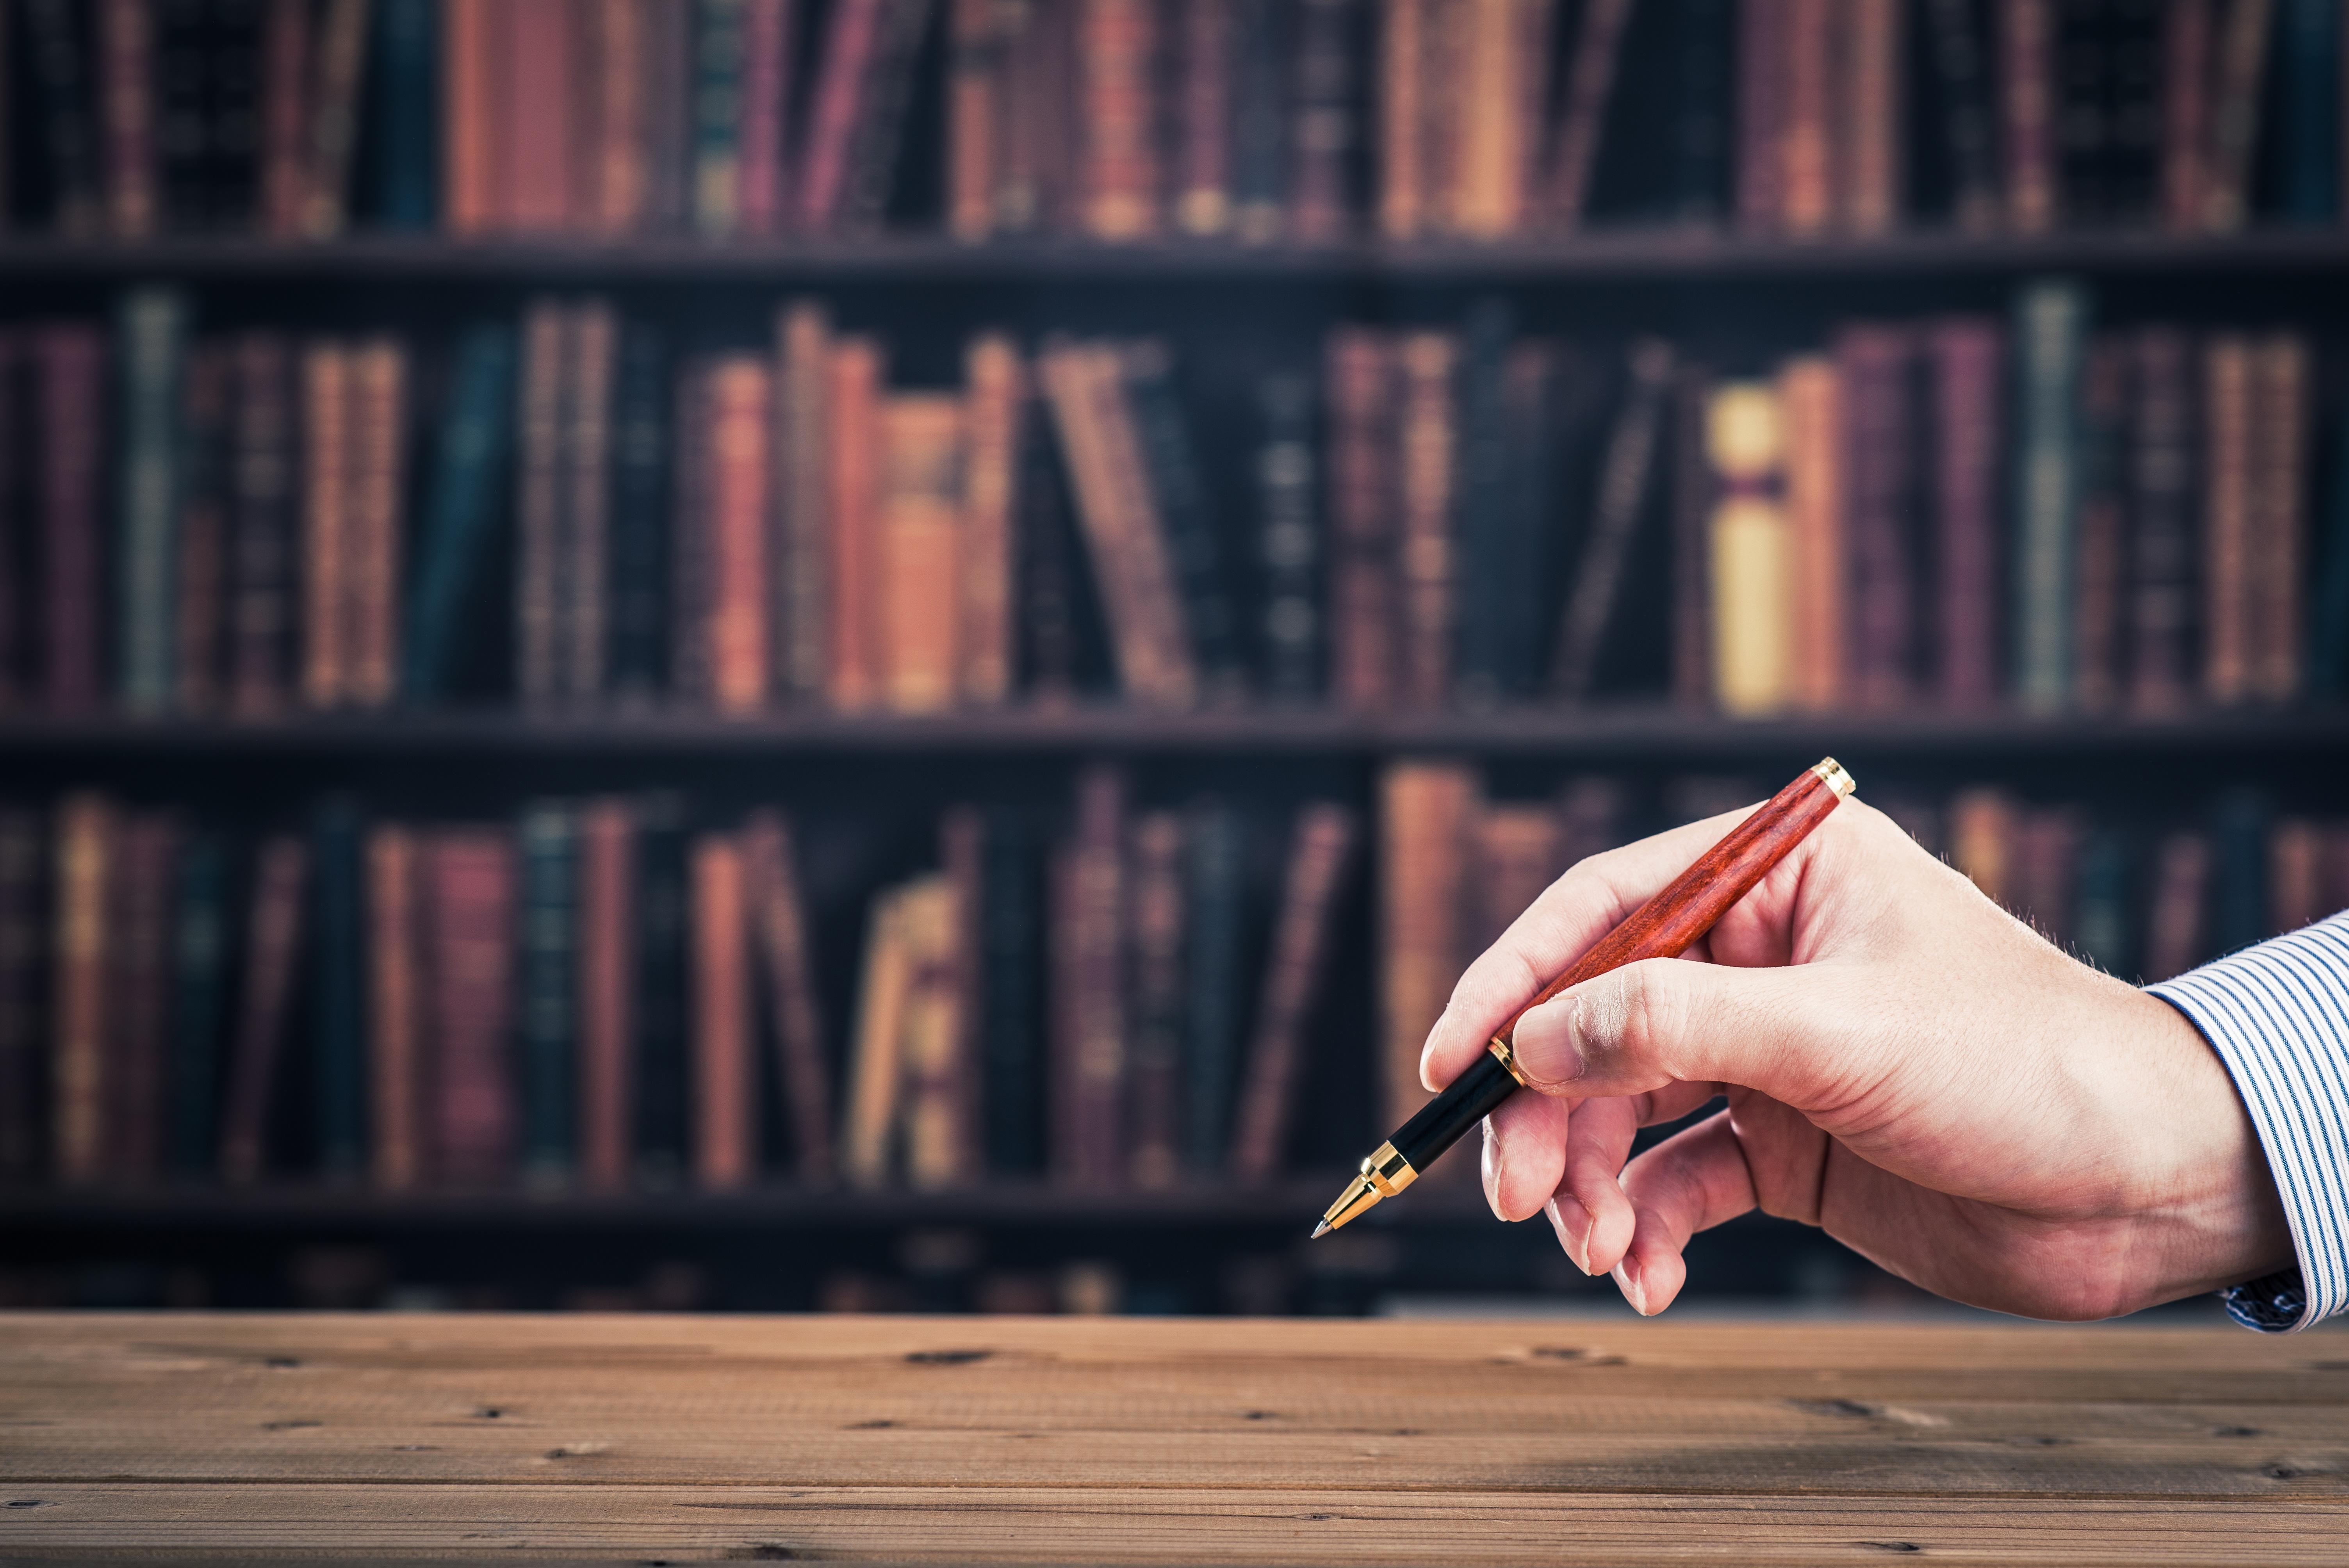 ペンを持っている男性の手